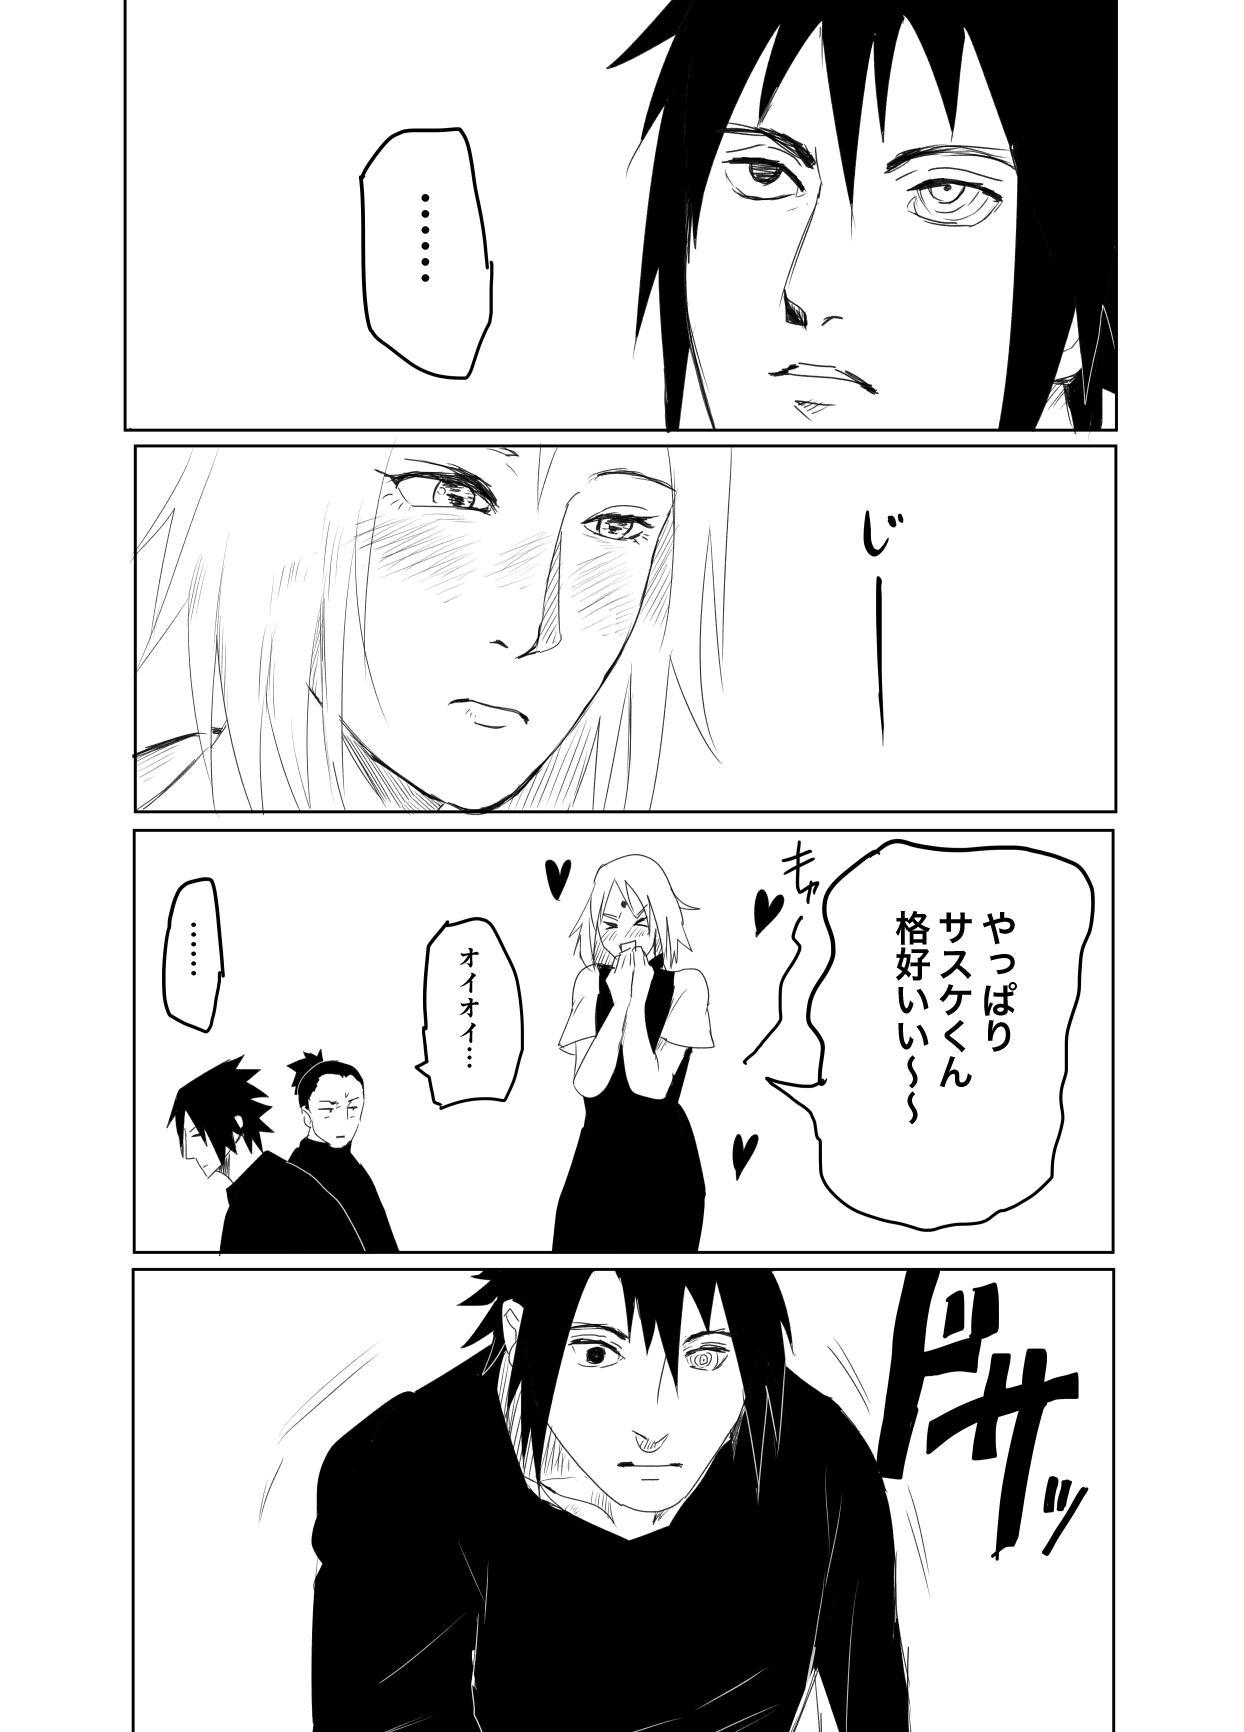 嘘告白漫画 10